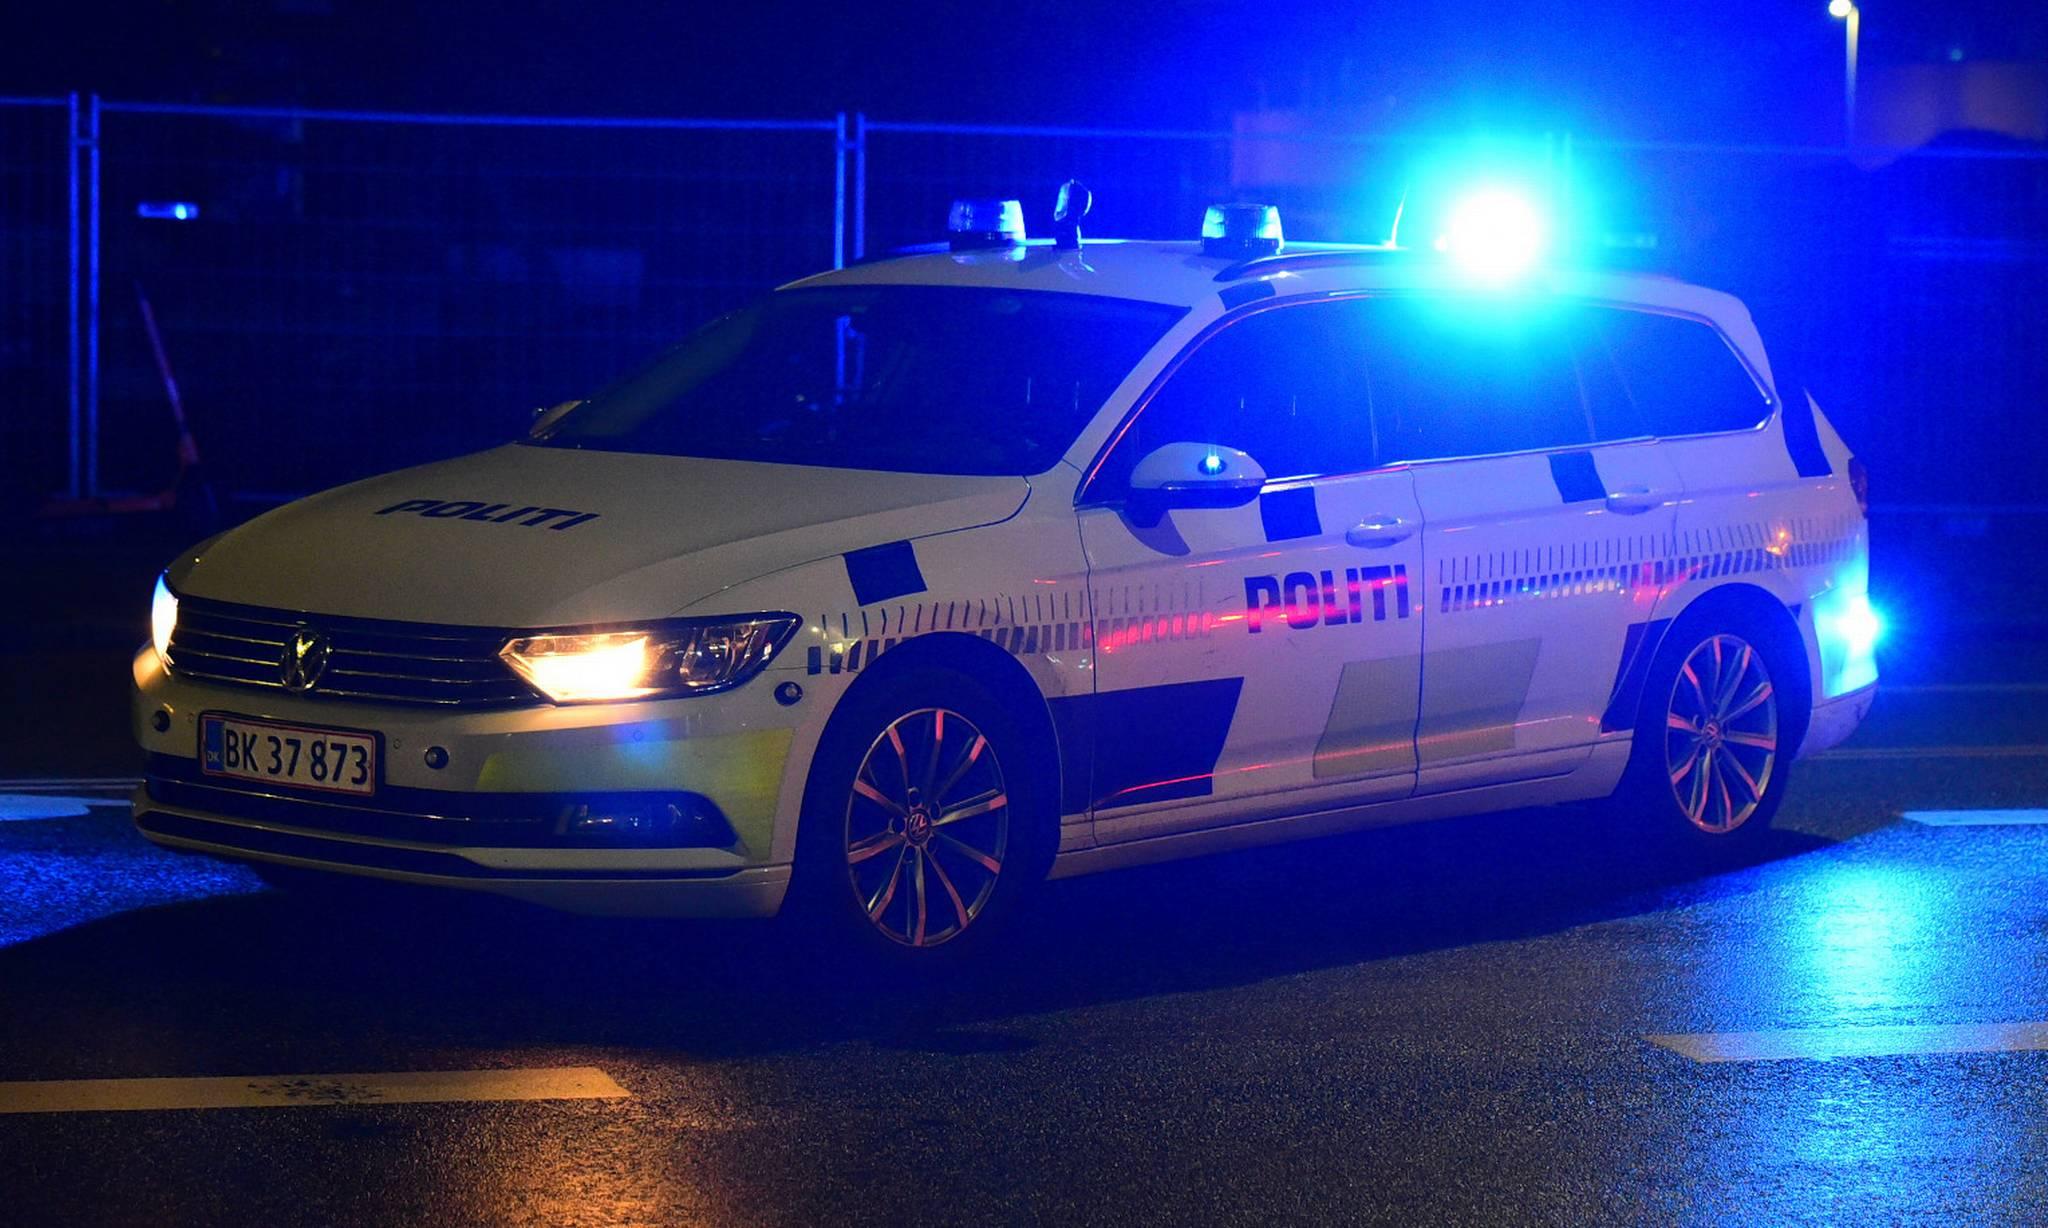 Stangstiv: Medarbejder vækkede sovende mand i bil, så kørte manden ind i medarbejderens bil og faldt i søvn igen